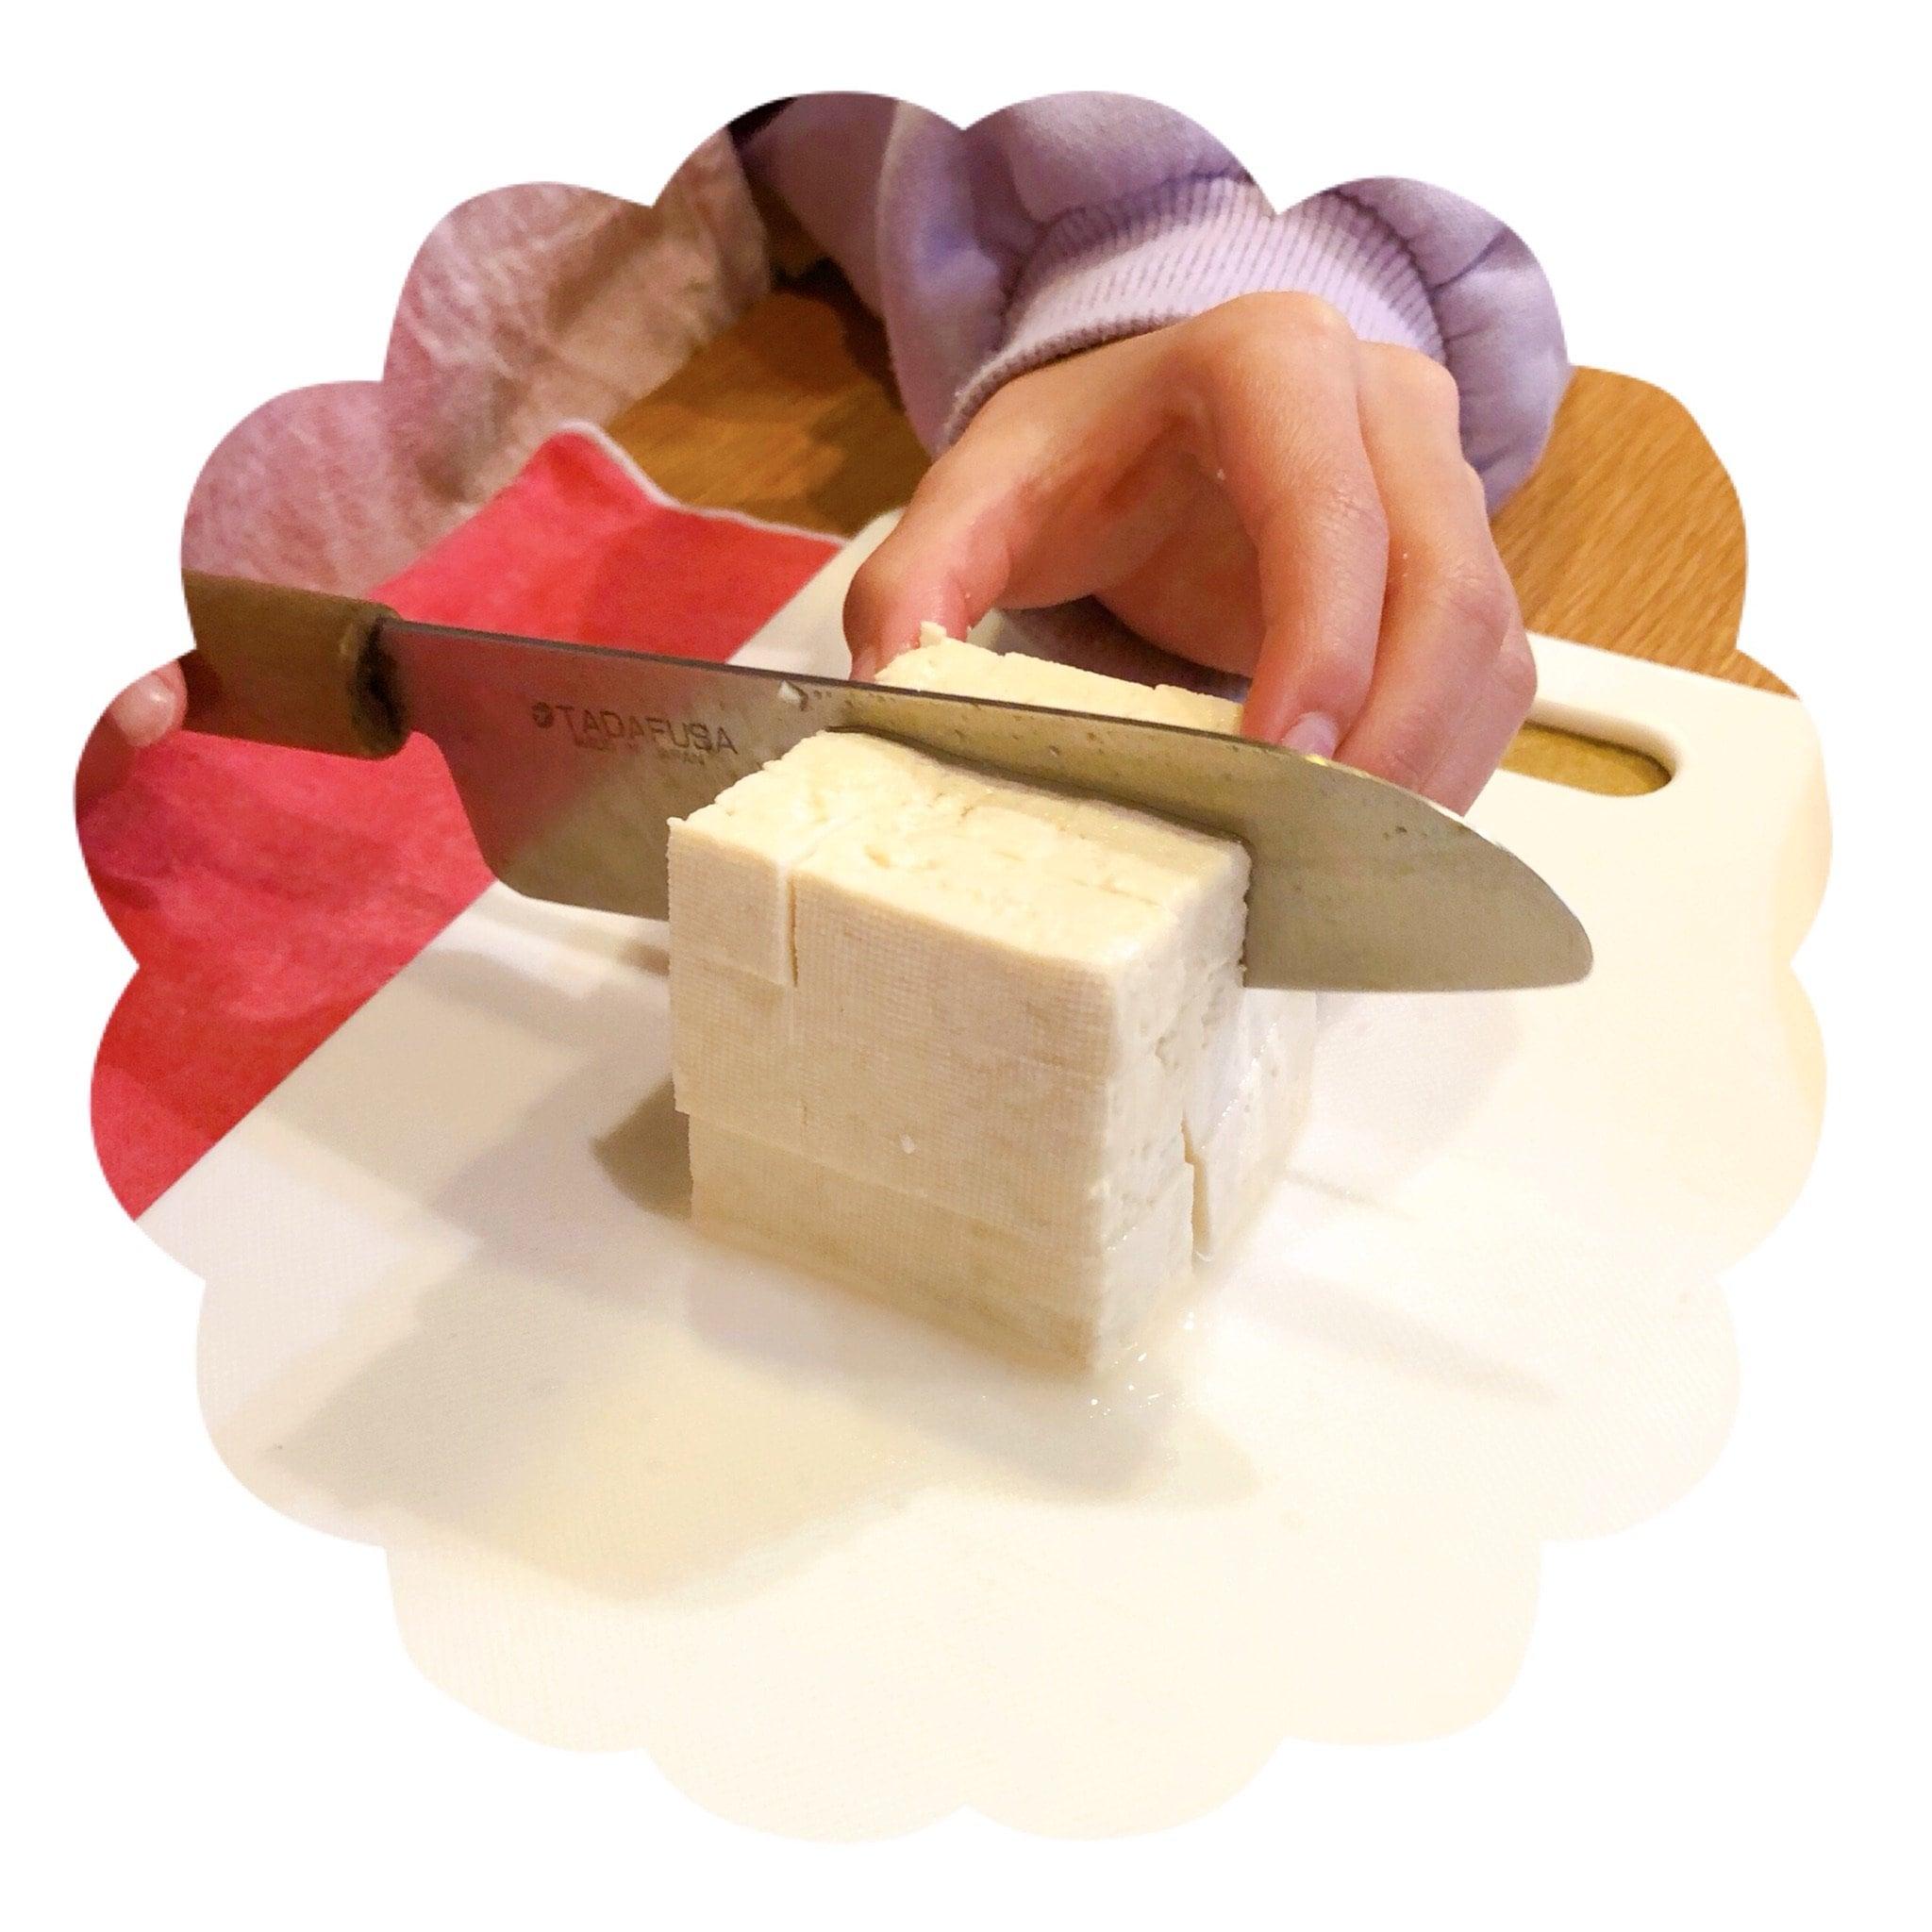 新潟|子供料理教室|はじめのいっぽ体験会|包丁を使ってみよう!|8/7(金)のイメージその1